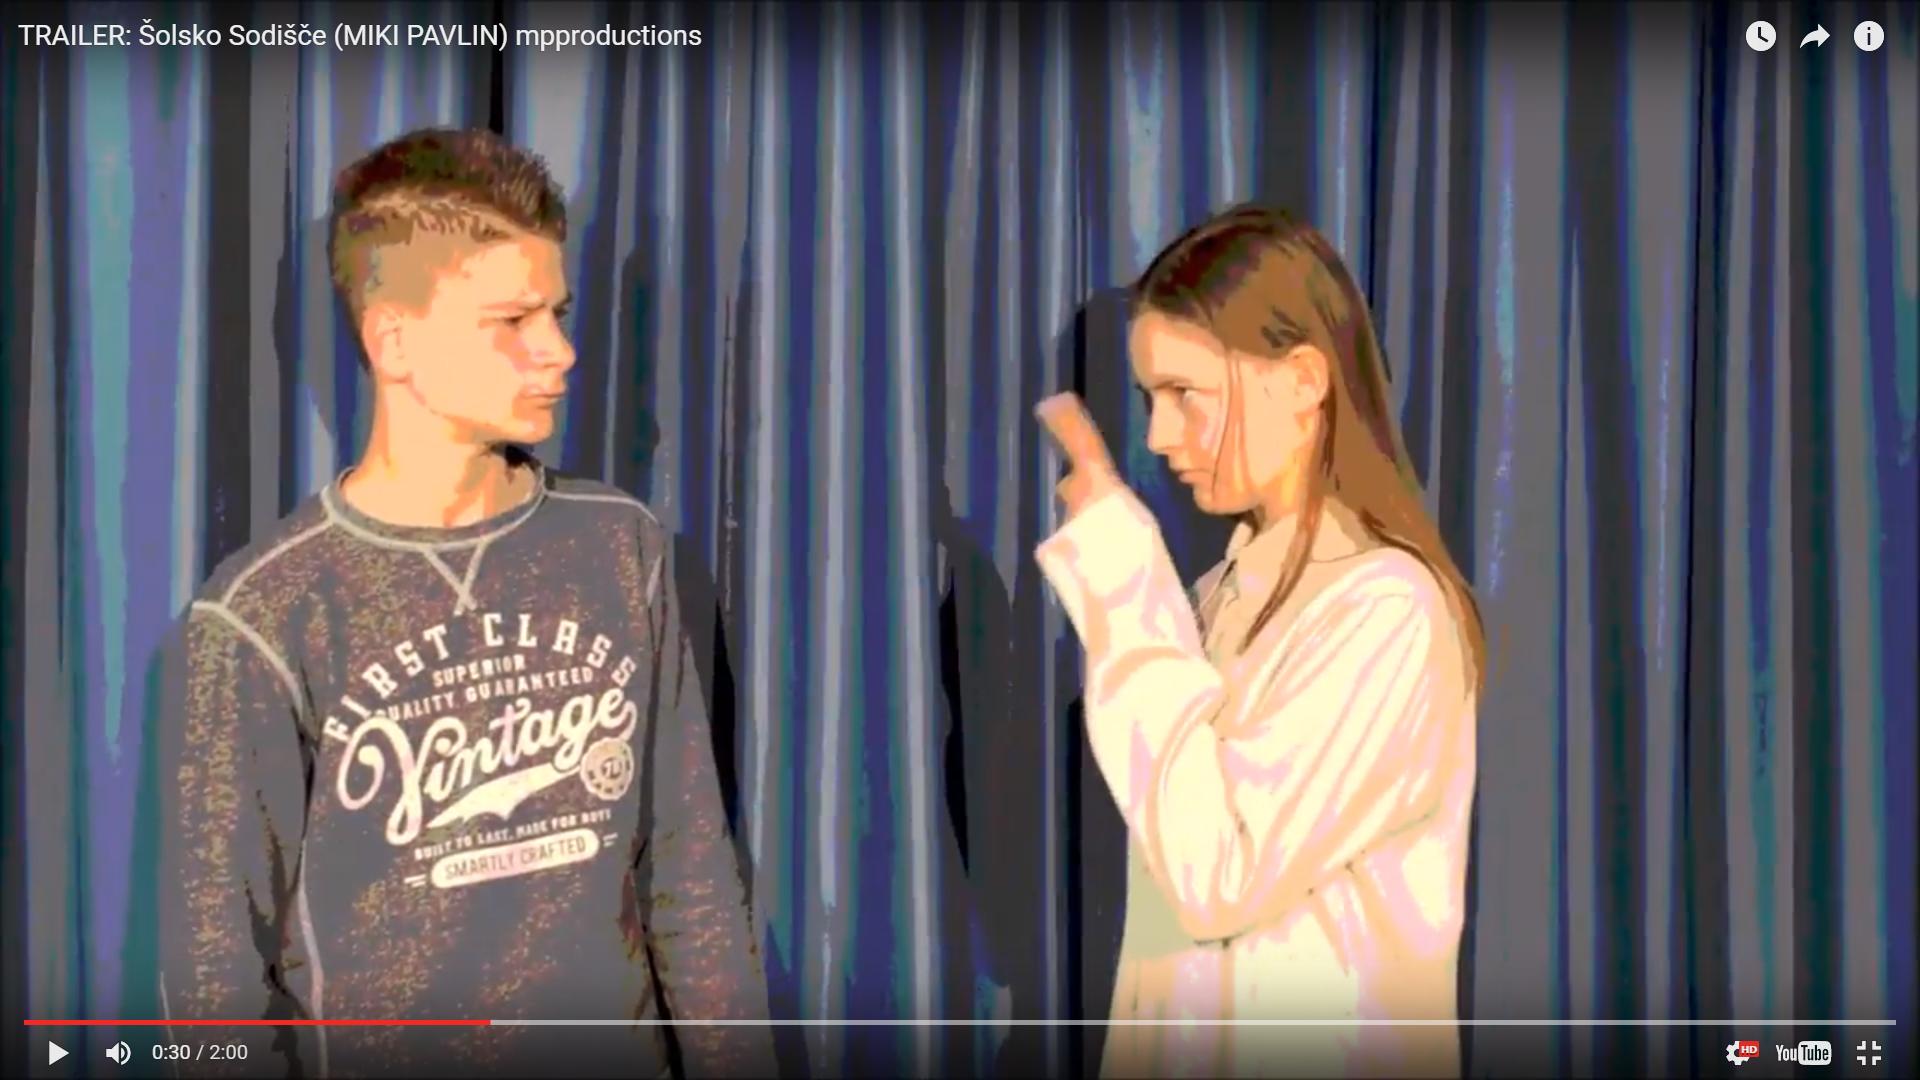 Premiera šolske gledališke predstave šolsko sodišče